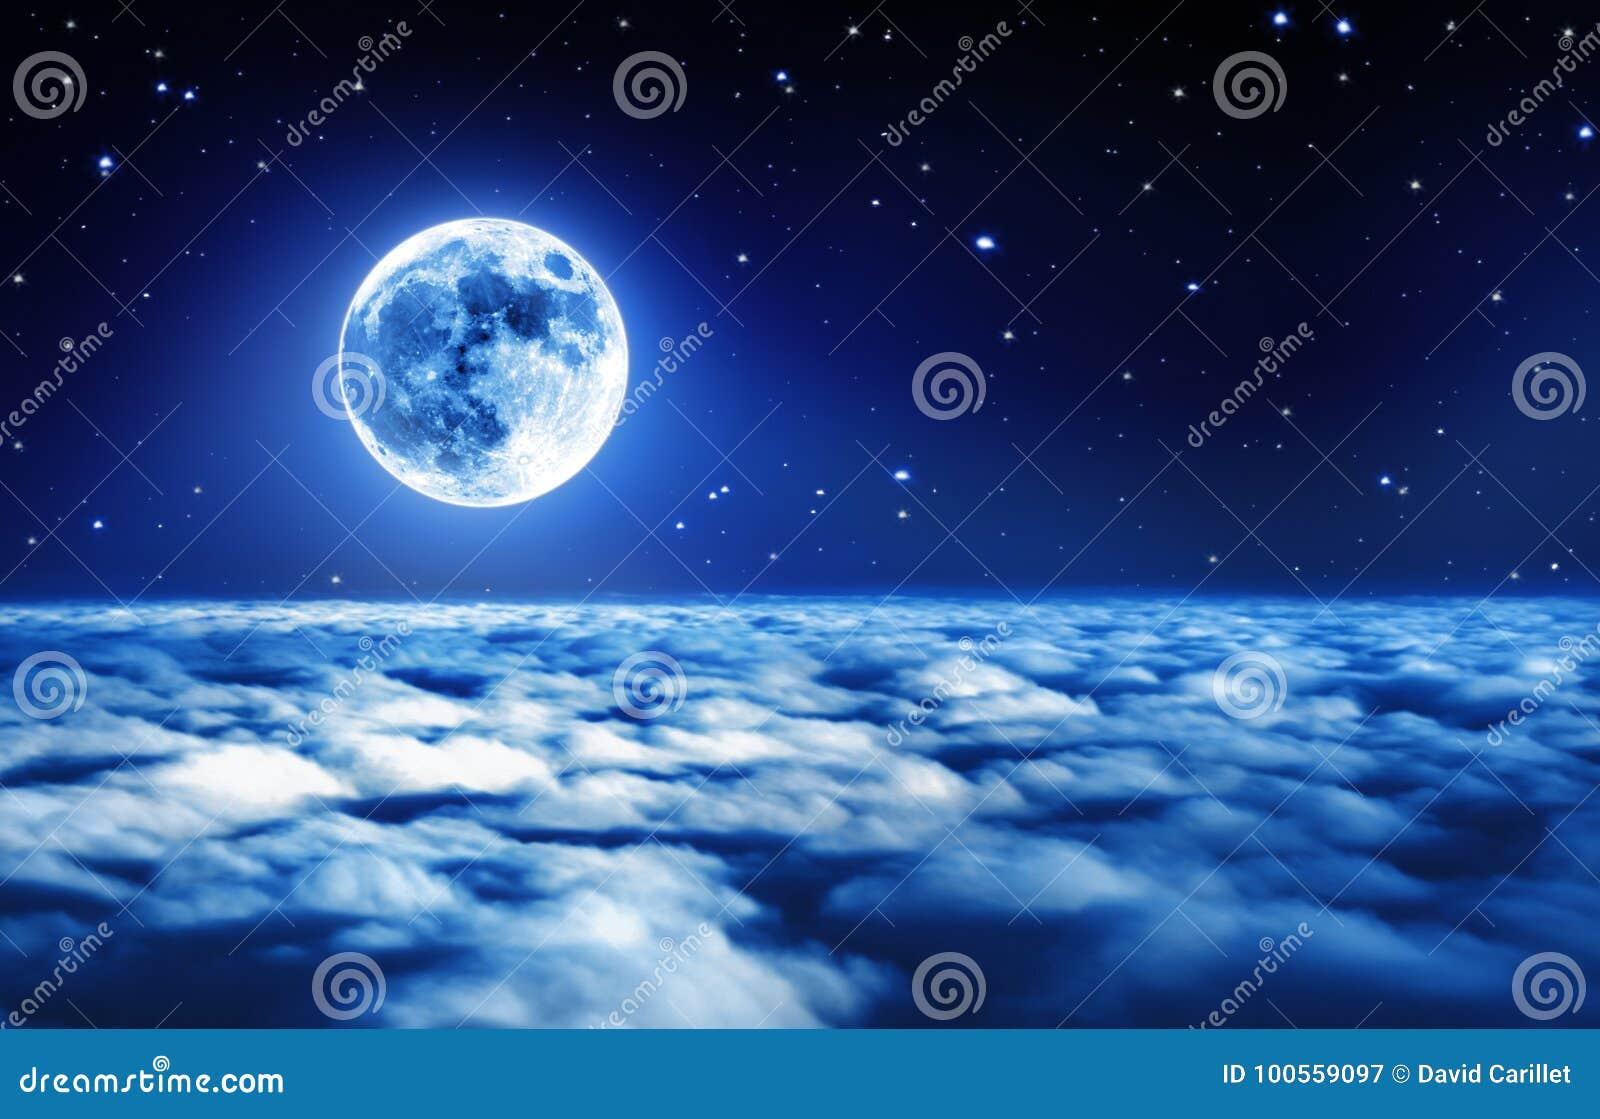 在繁星之夜天空的明亮的满月在与软的发光的光的梦想的云彩上